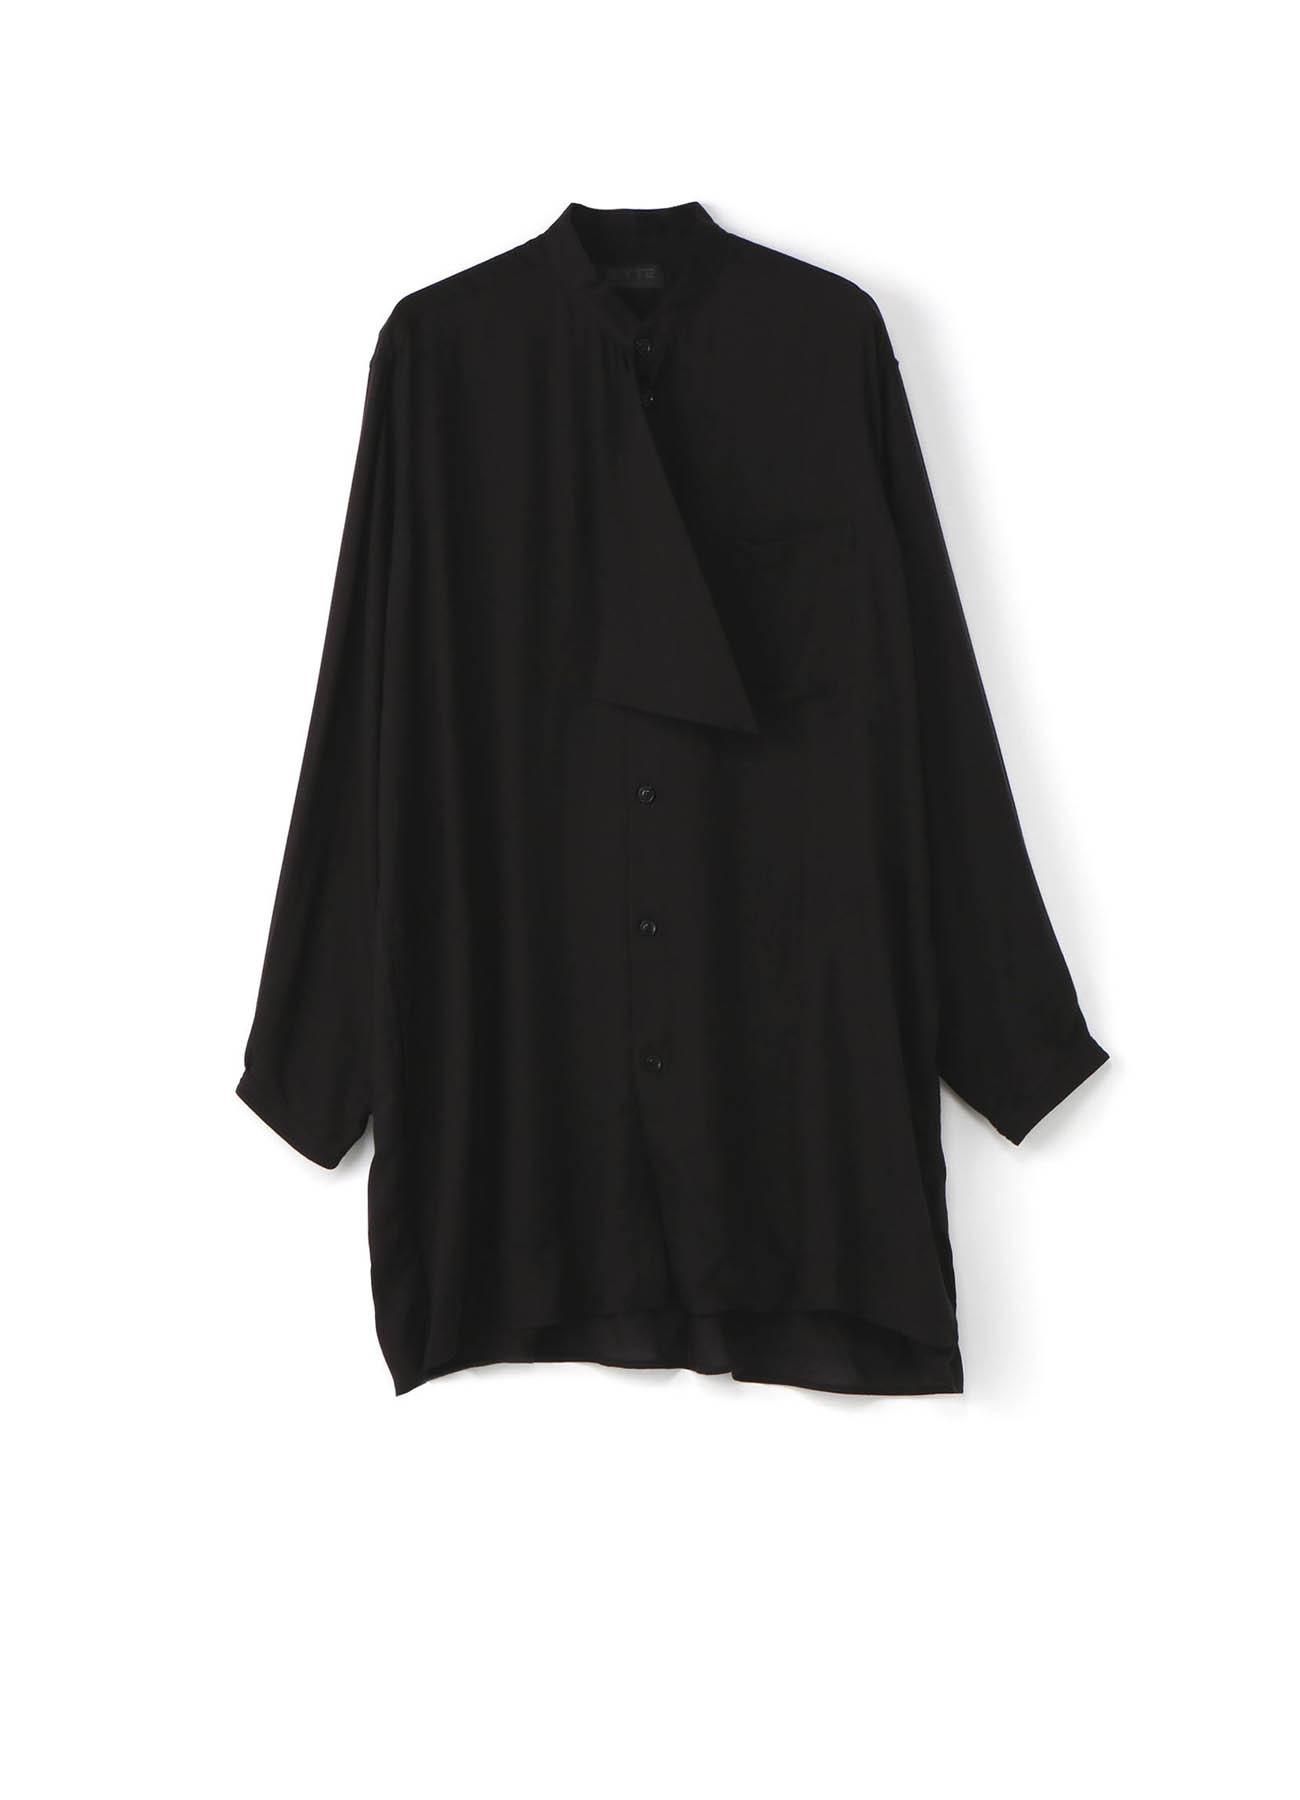 天丝維也勒垂坠围巾衬衫